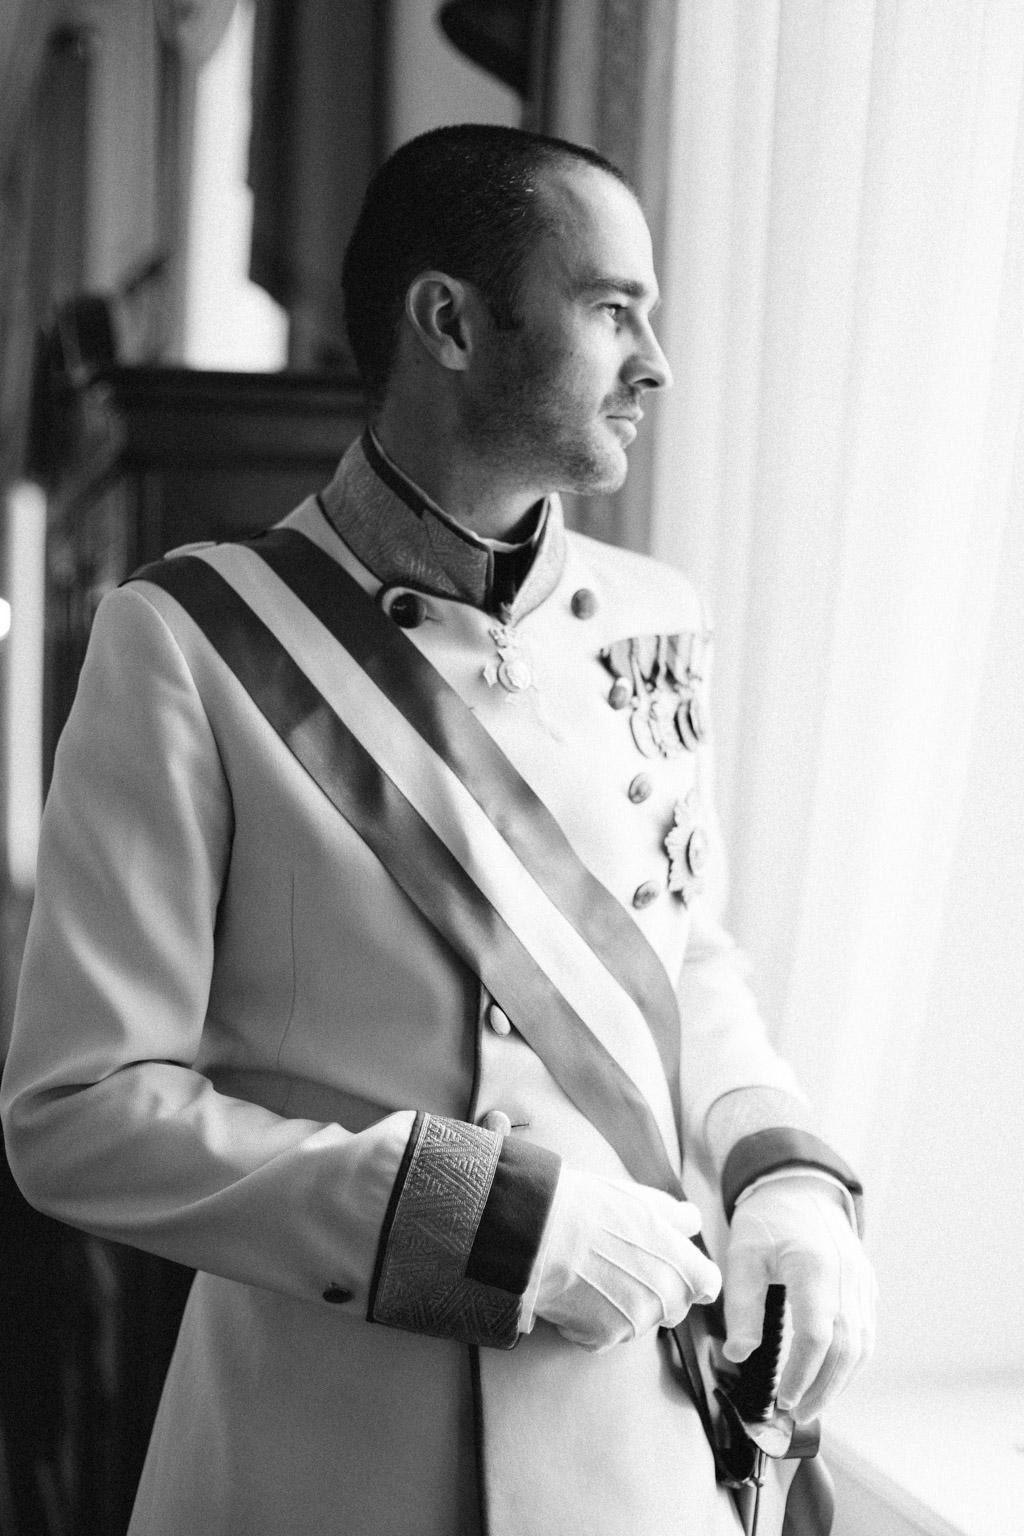 surprise-birthday-wedding-anniversary-themed-shooting-hotel-imperial-schloss-belvedere-vienna-austria-melanie-nedelko-photography-sissi-franz (11).JPG